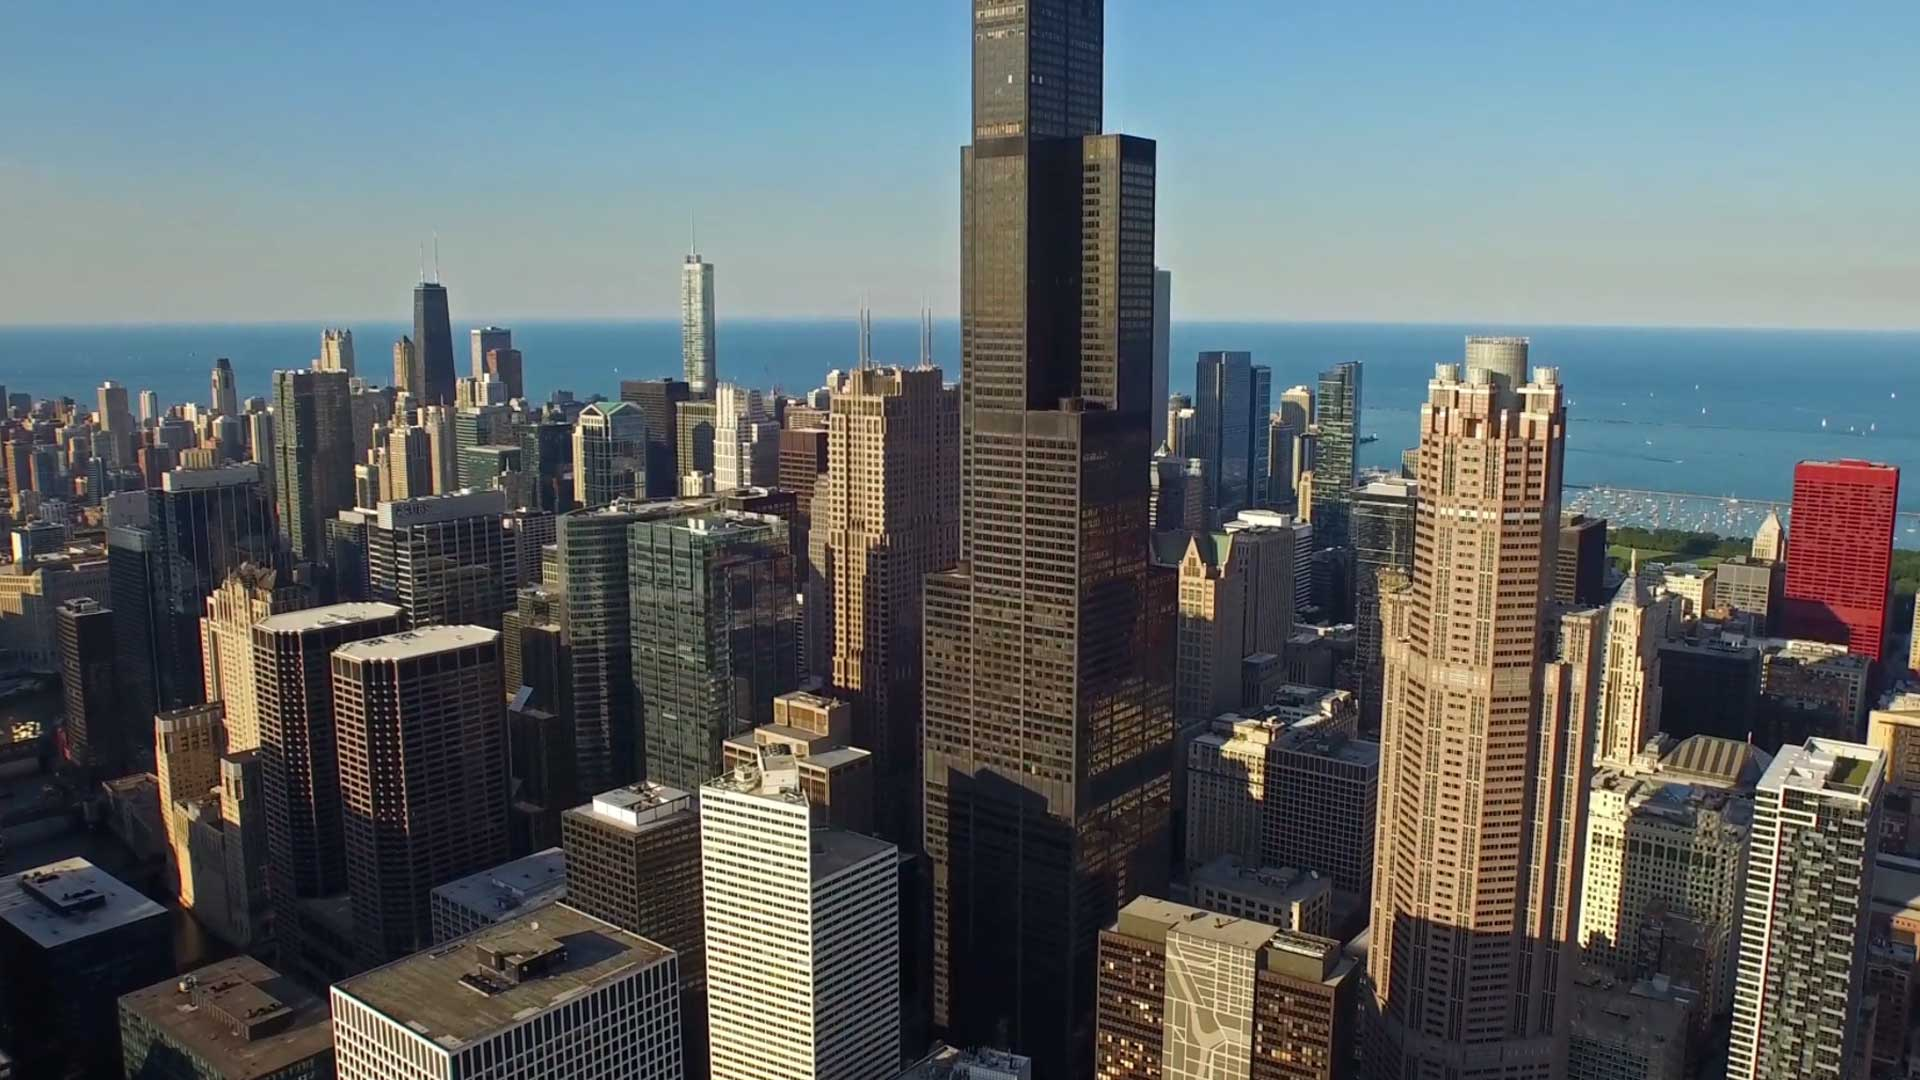 افضل 4 شقق للايجار في شيكاغو